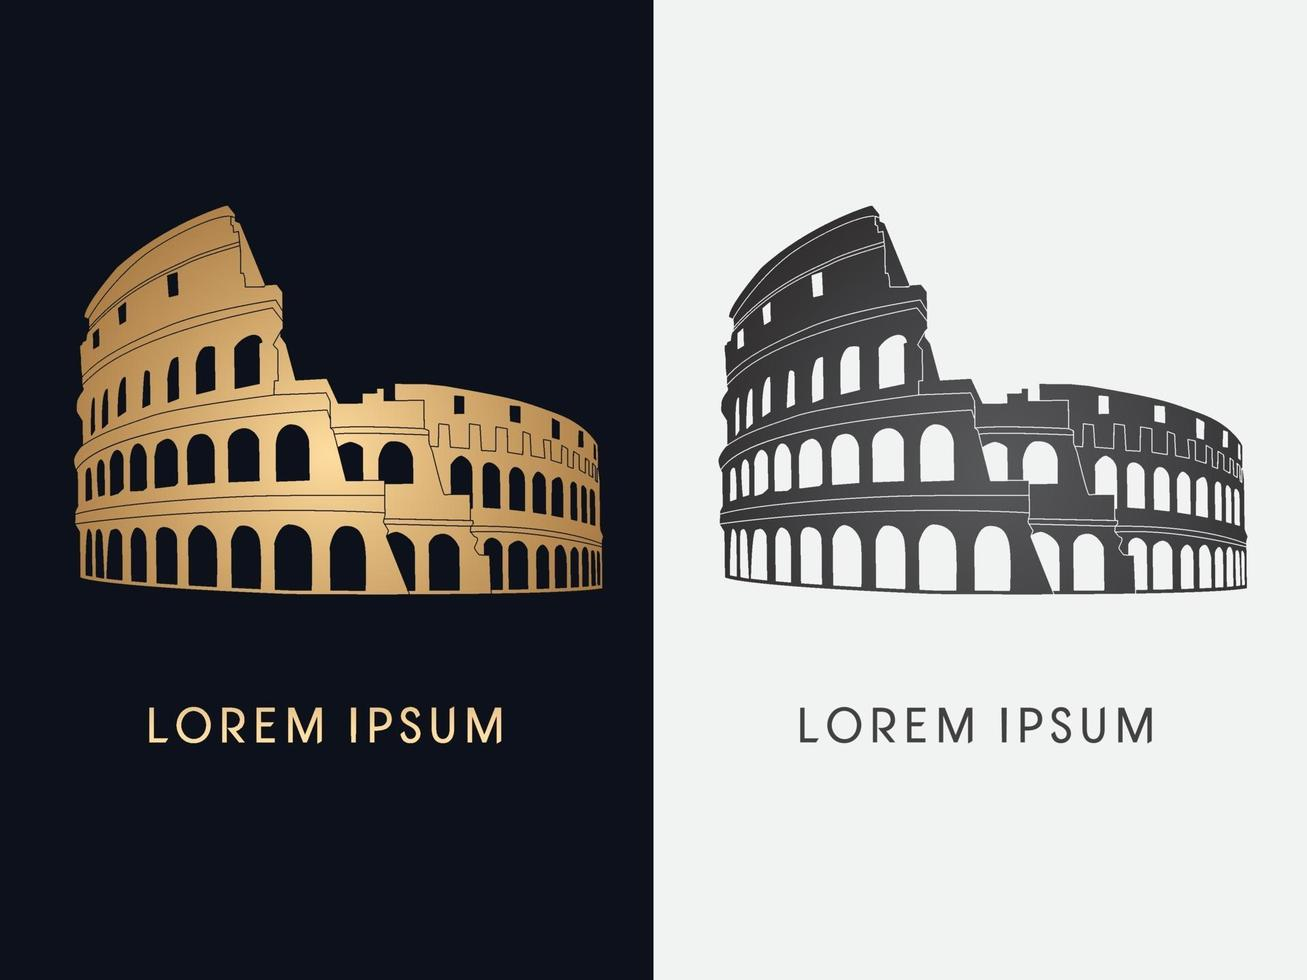 Romeinse colosseum bouwset vector